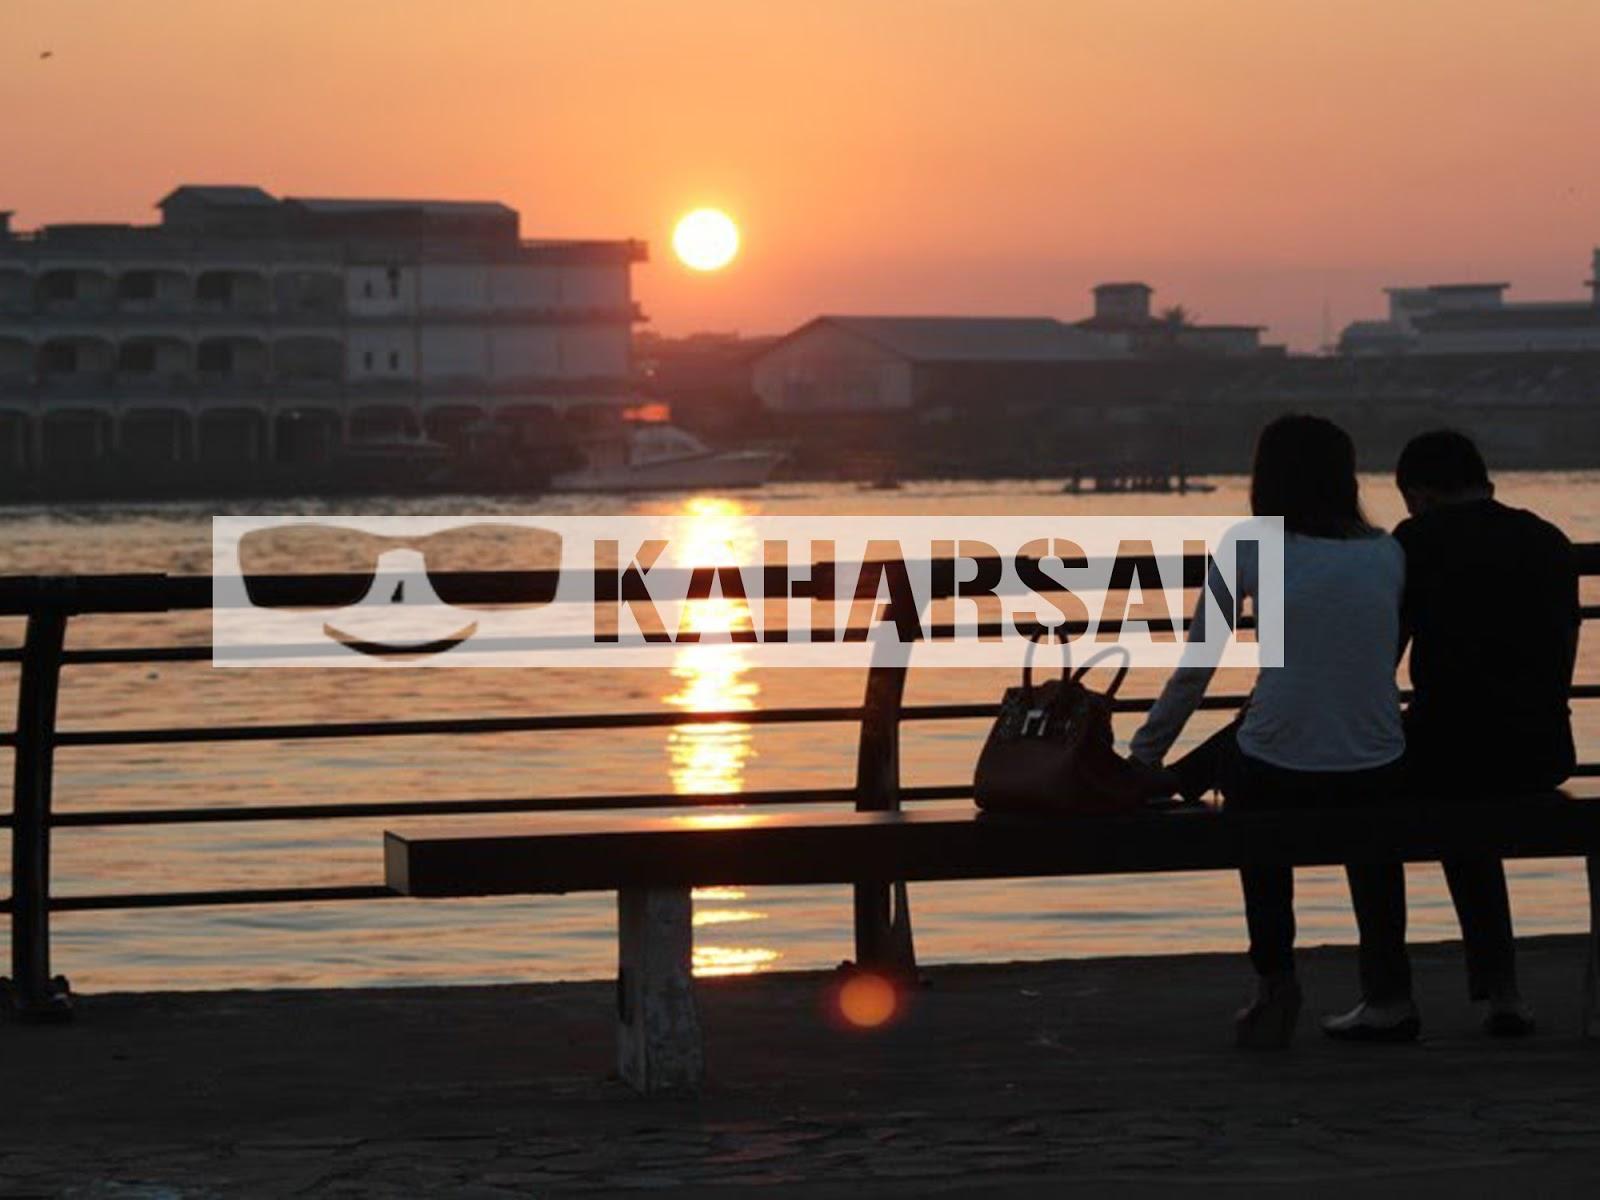 Pontianak Kota Wisata Menarik Indonesia Pemerintah Disebut Nama Taman Alun